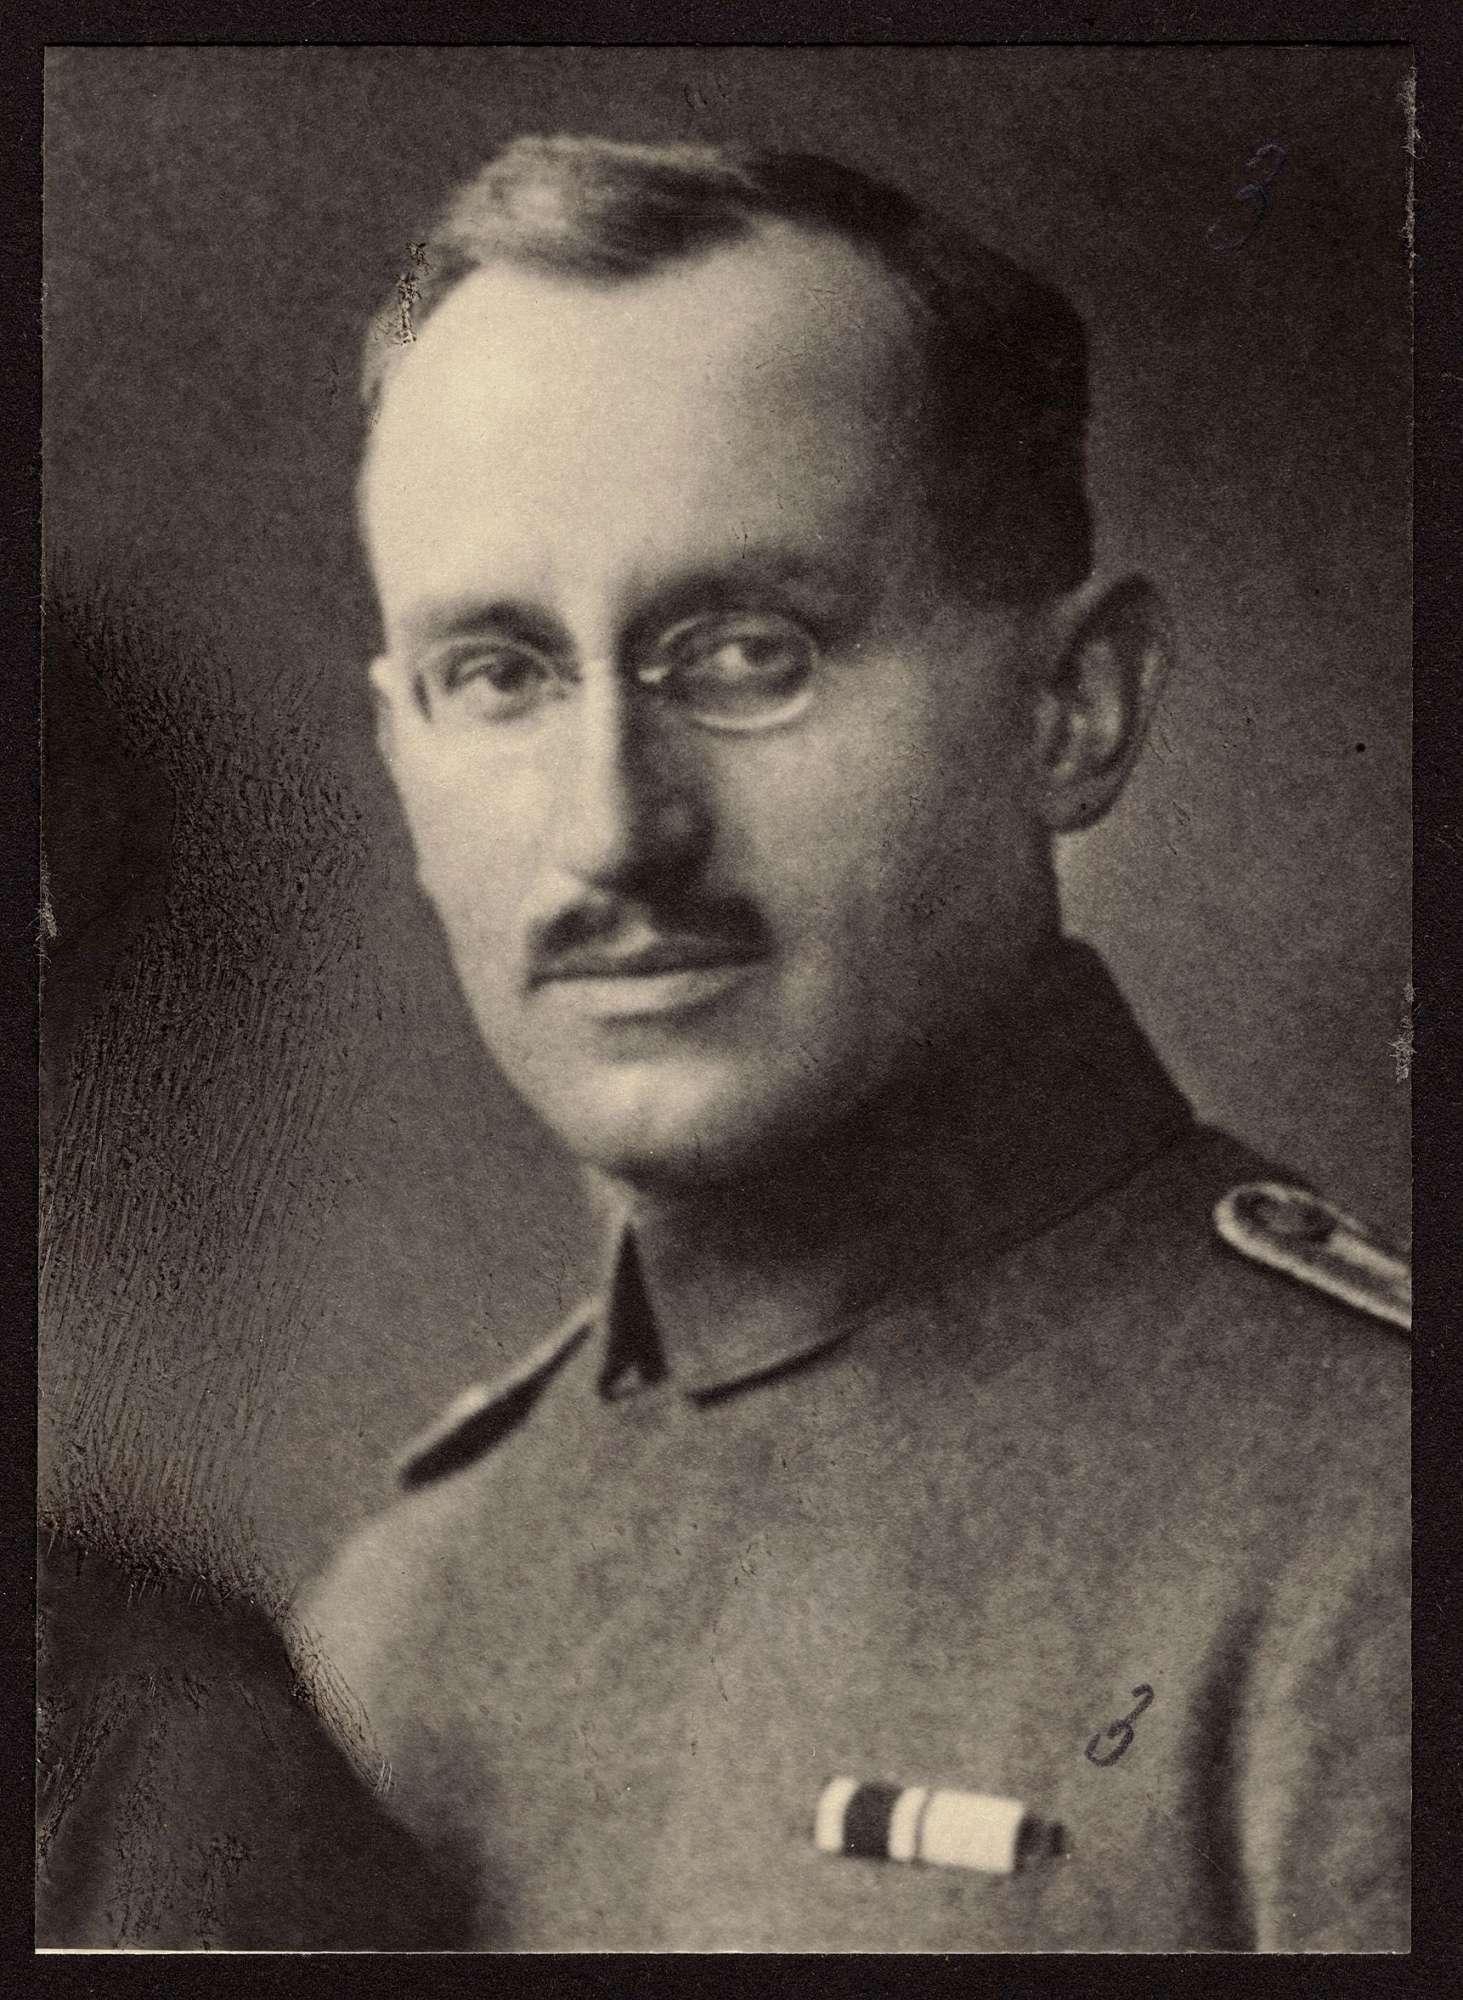 Gekeler, Karl, Dr., Bild 1